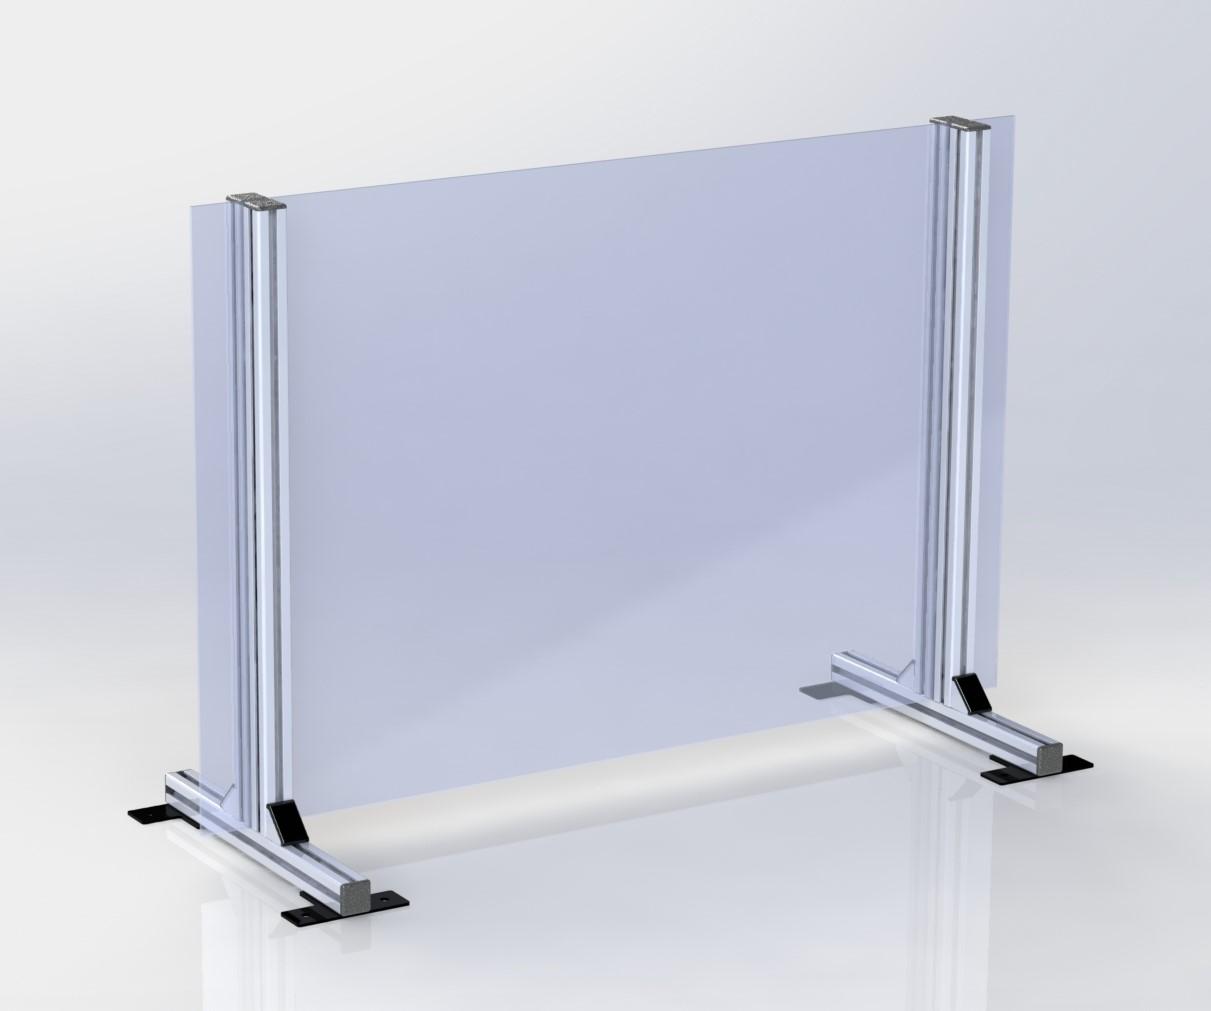 Durchreiche 31x25 cm HOCHFORMAT Spuckschutz Schutzscheibe Tischaufsatz 58x90 cm